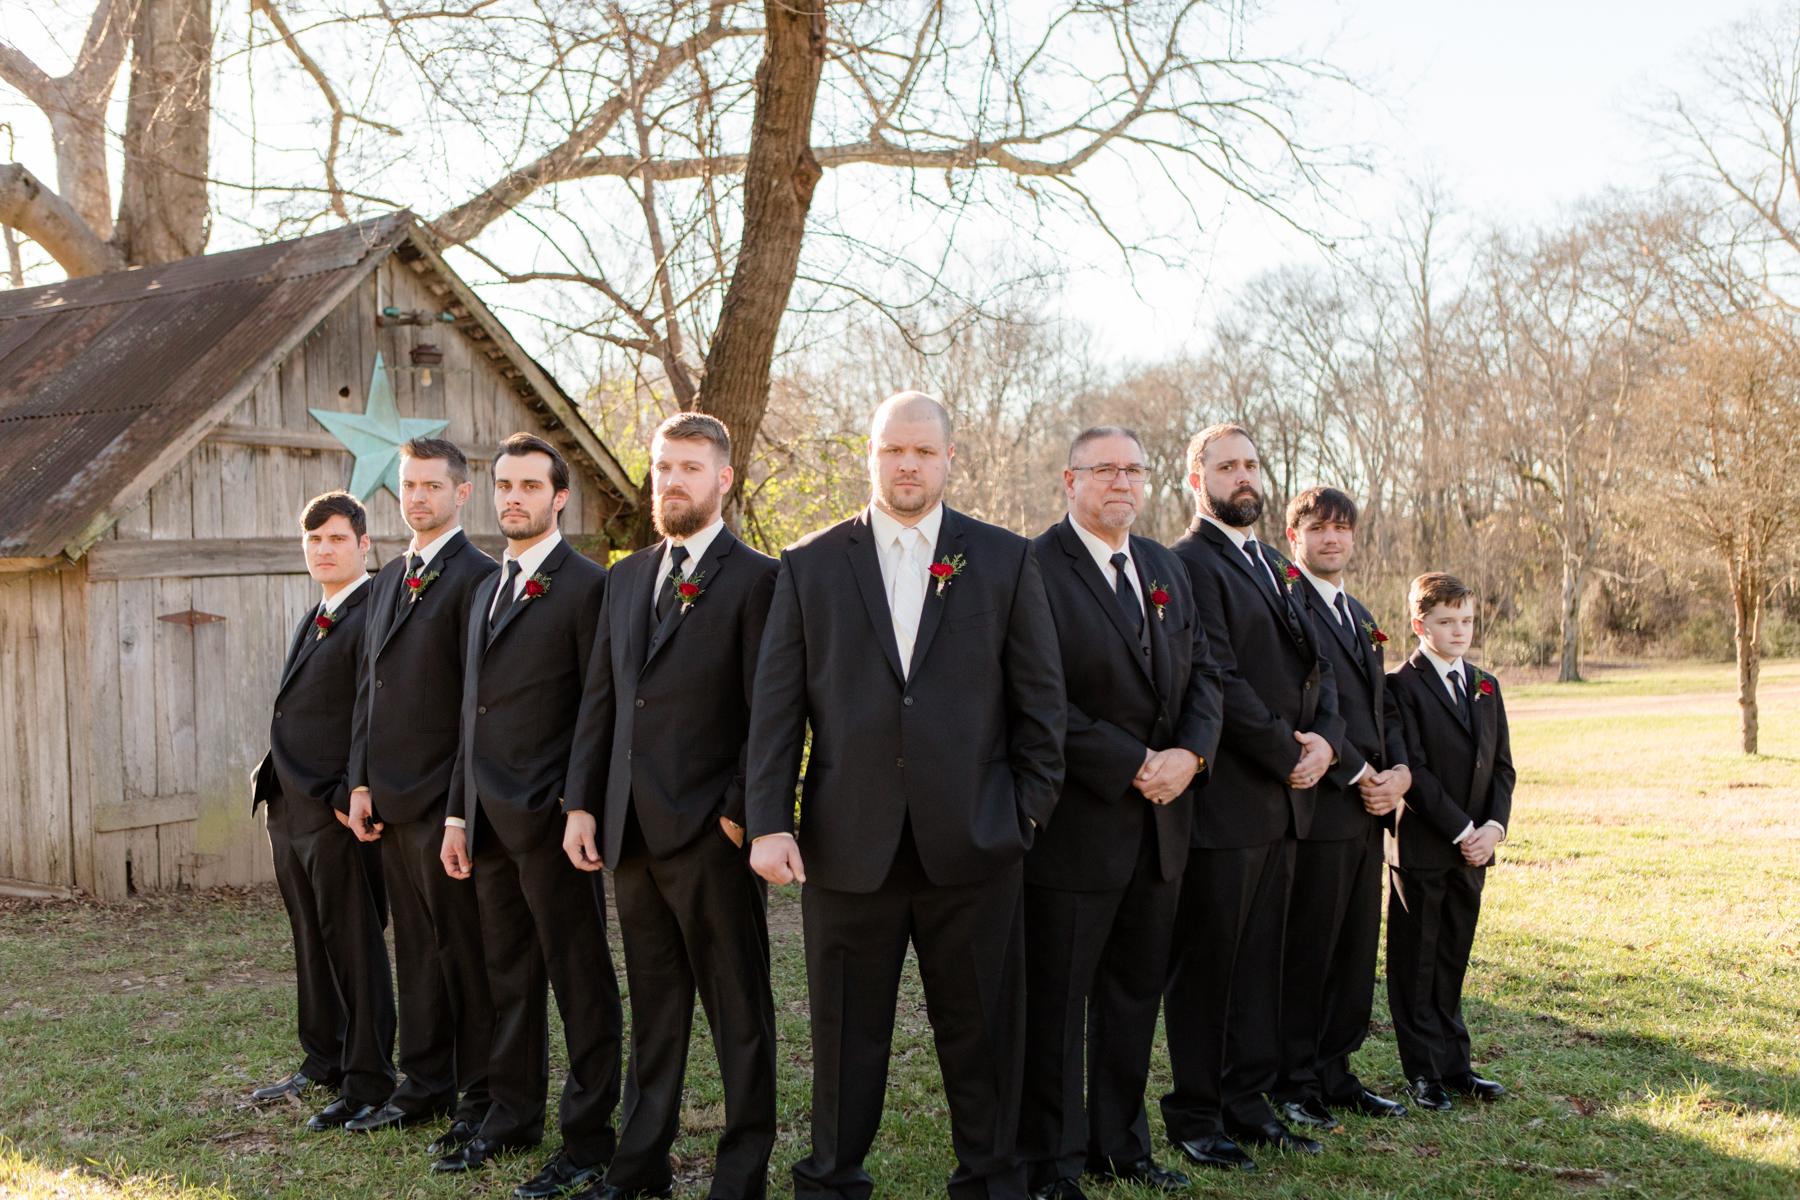 flying-v-groomsmen-image.jpg